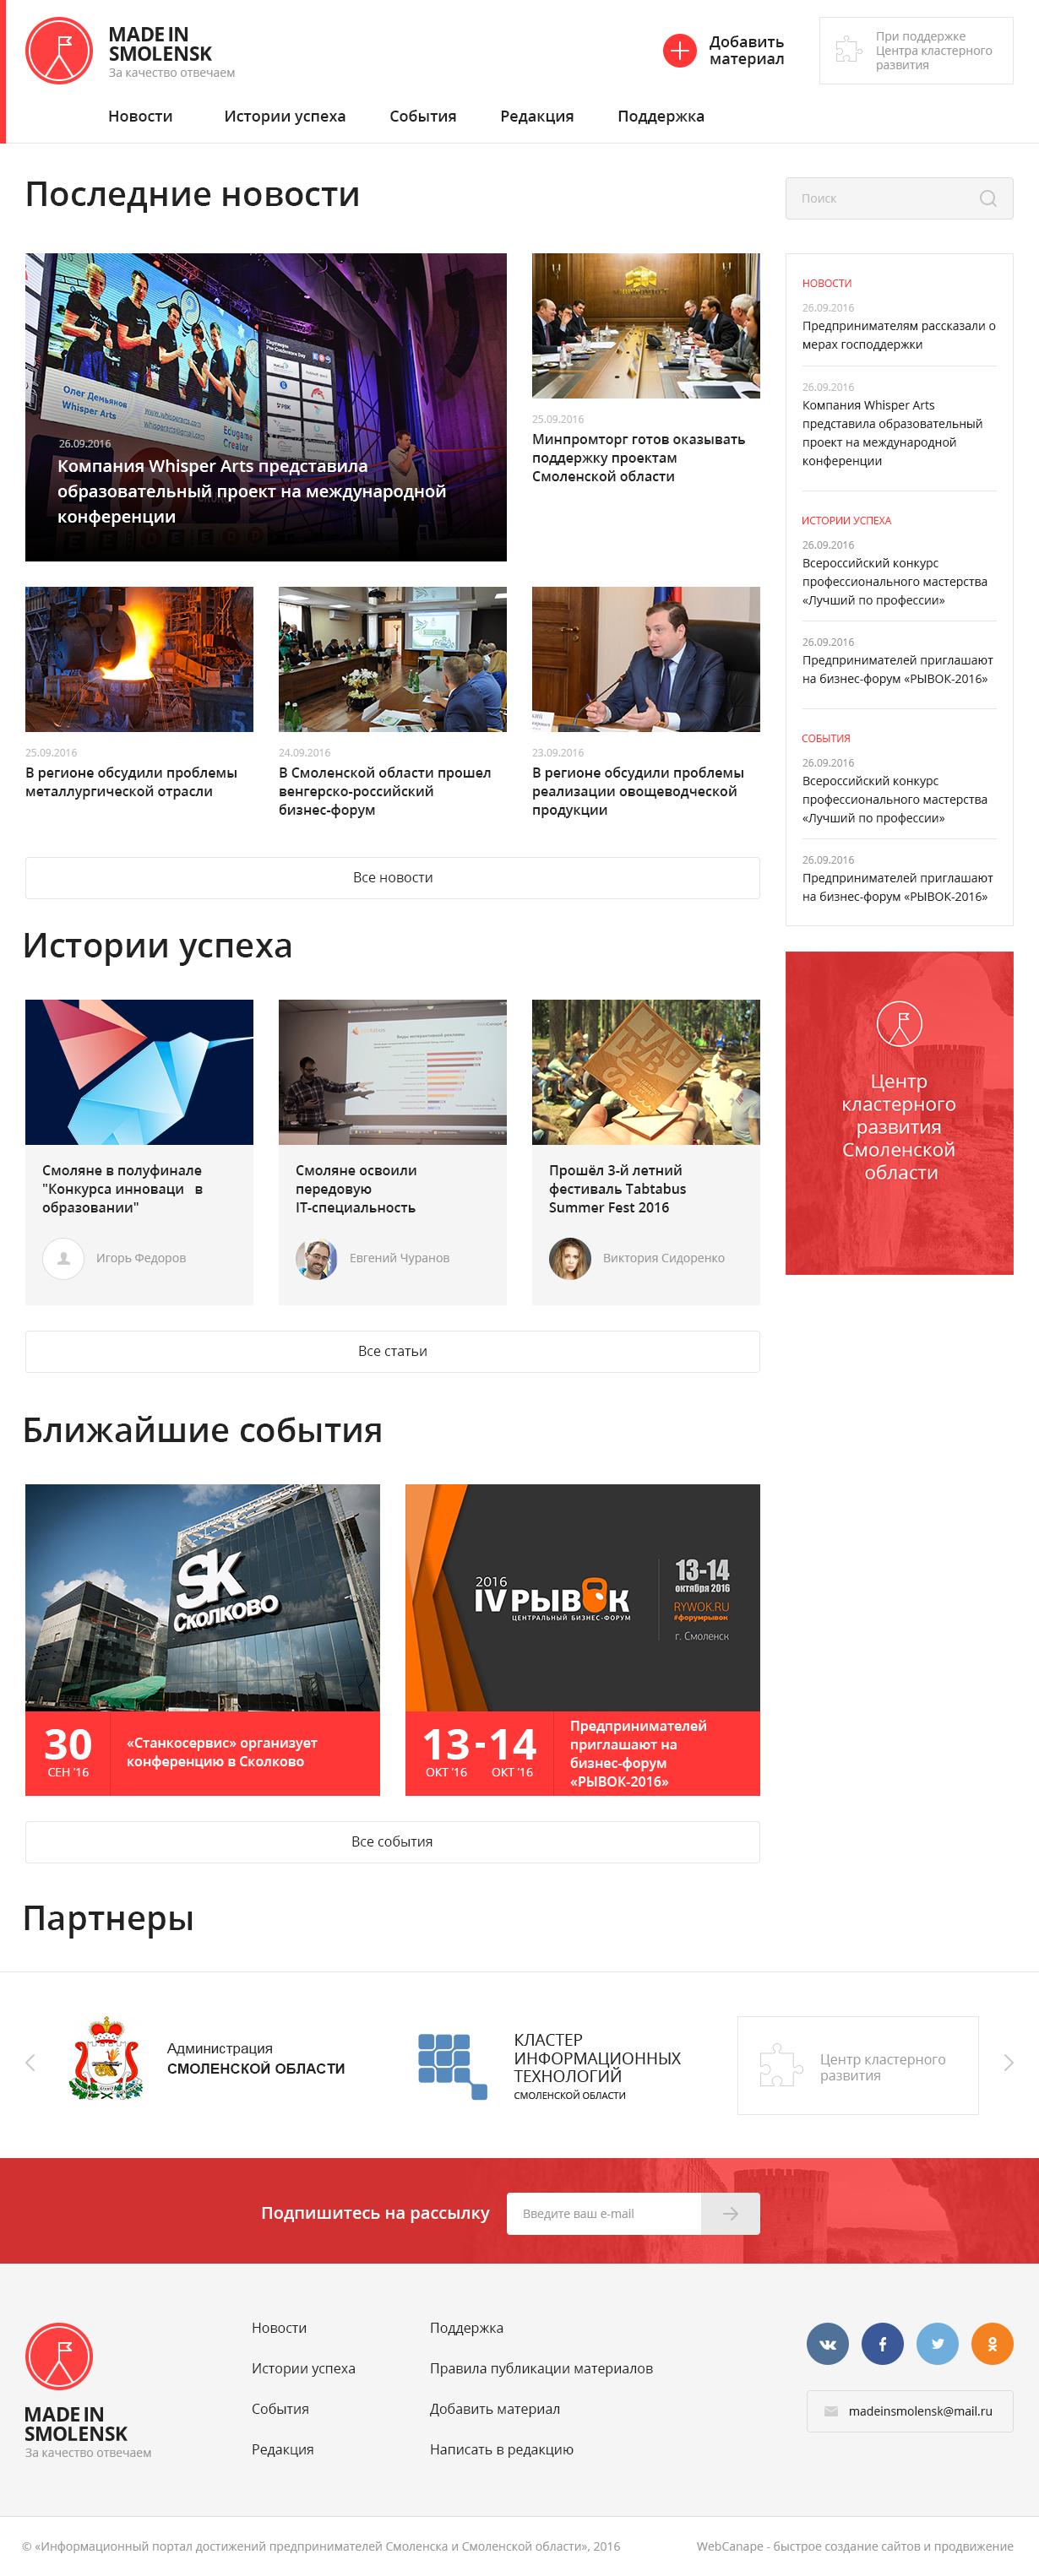 Разработка новостного сайта для предпринимателей Смоленской области